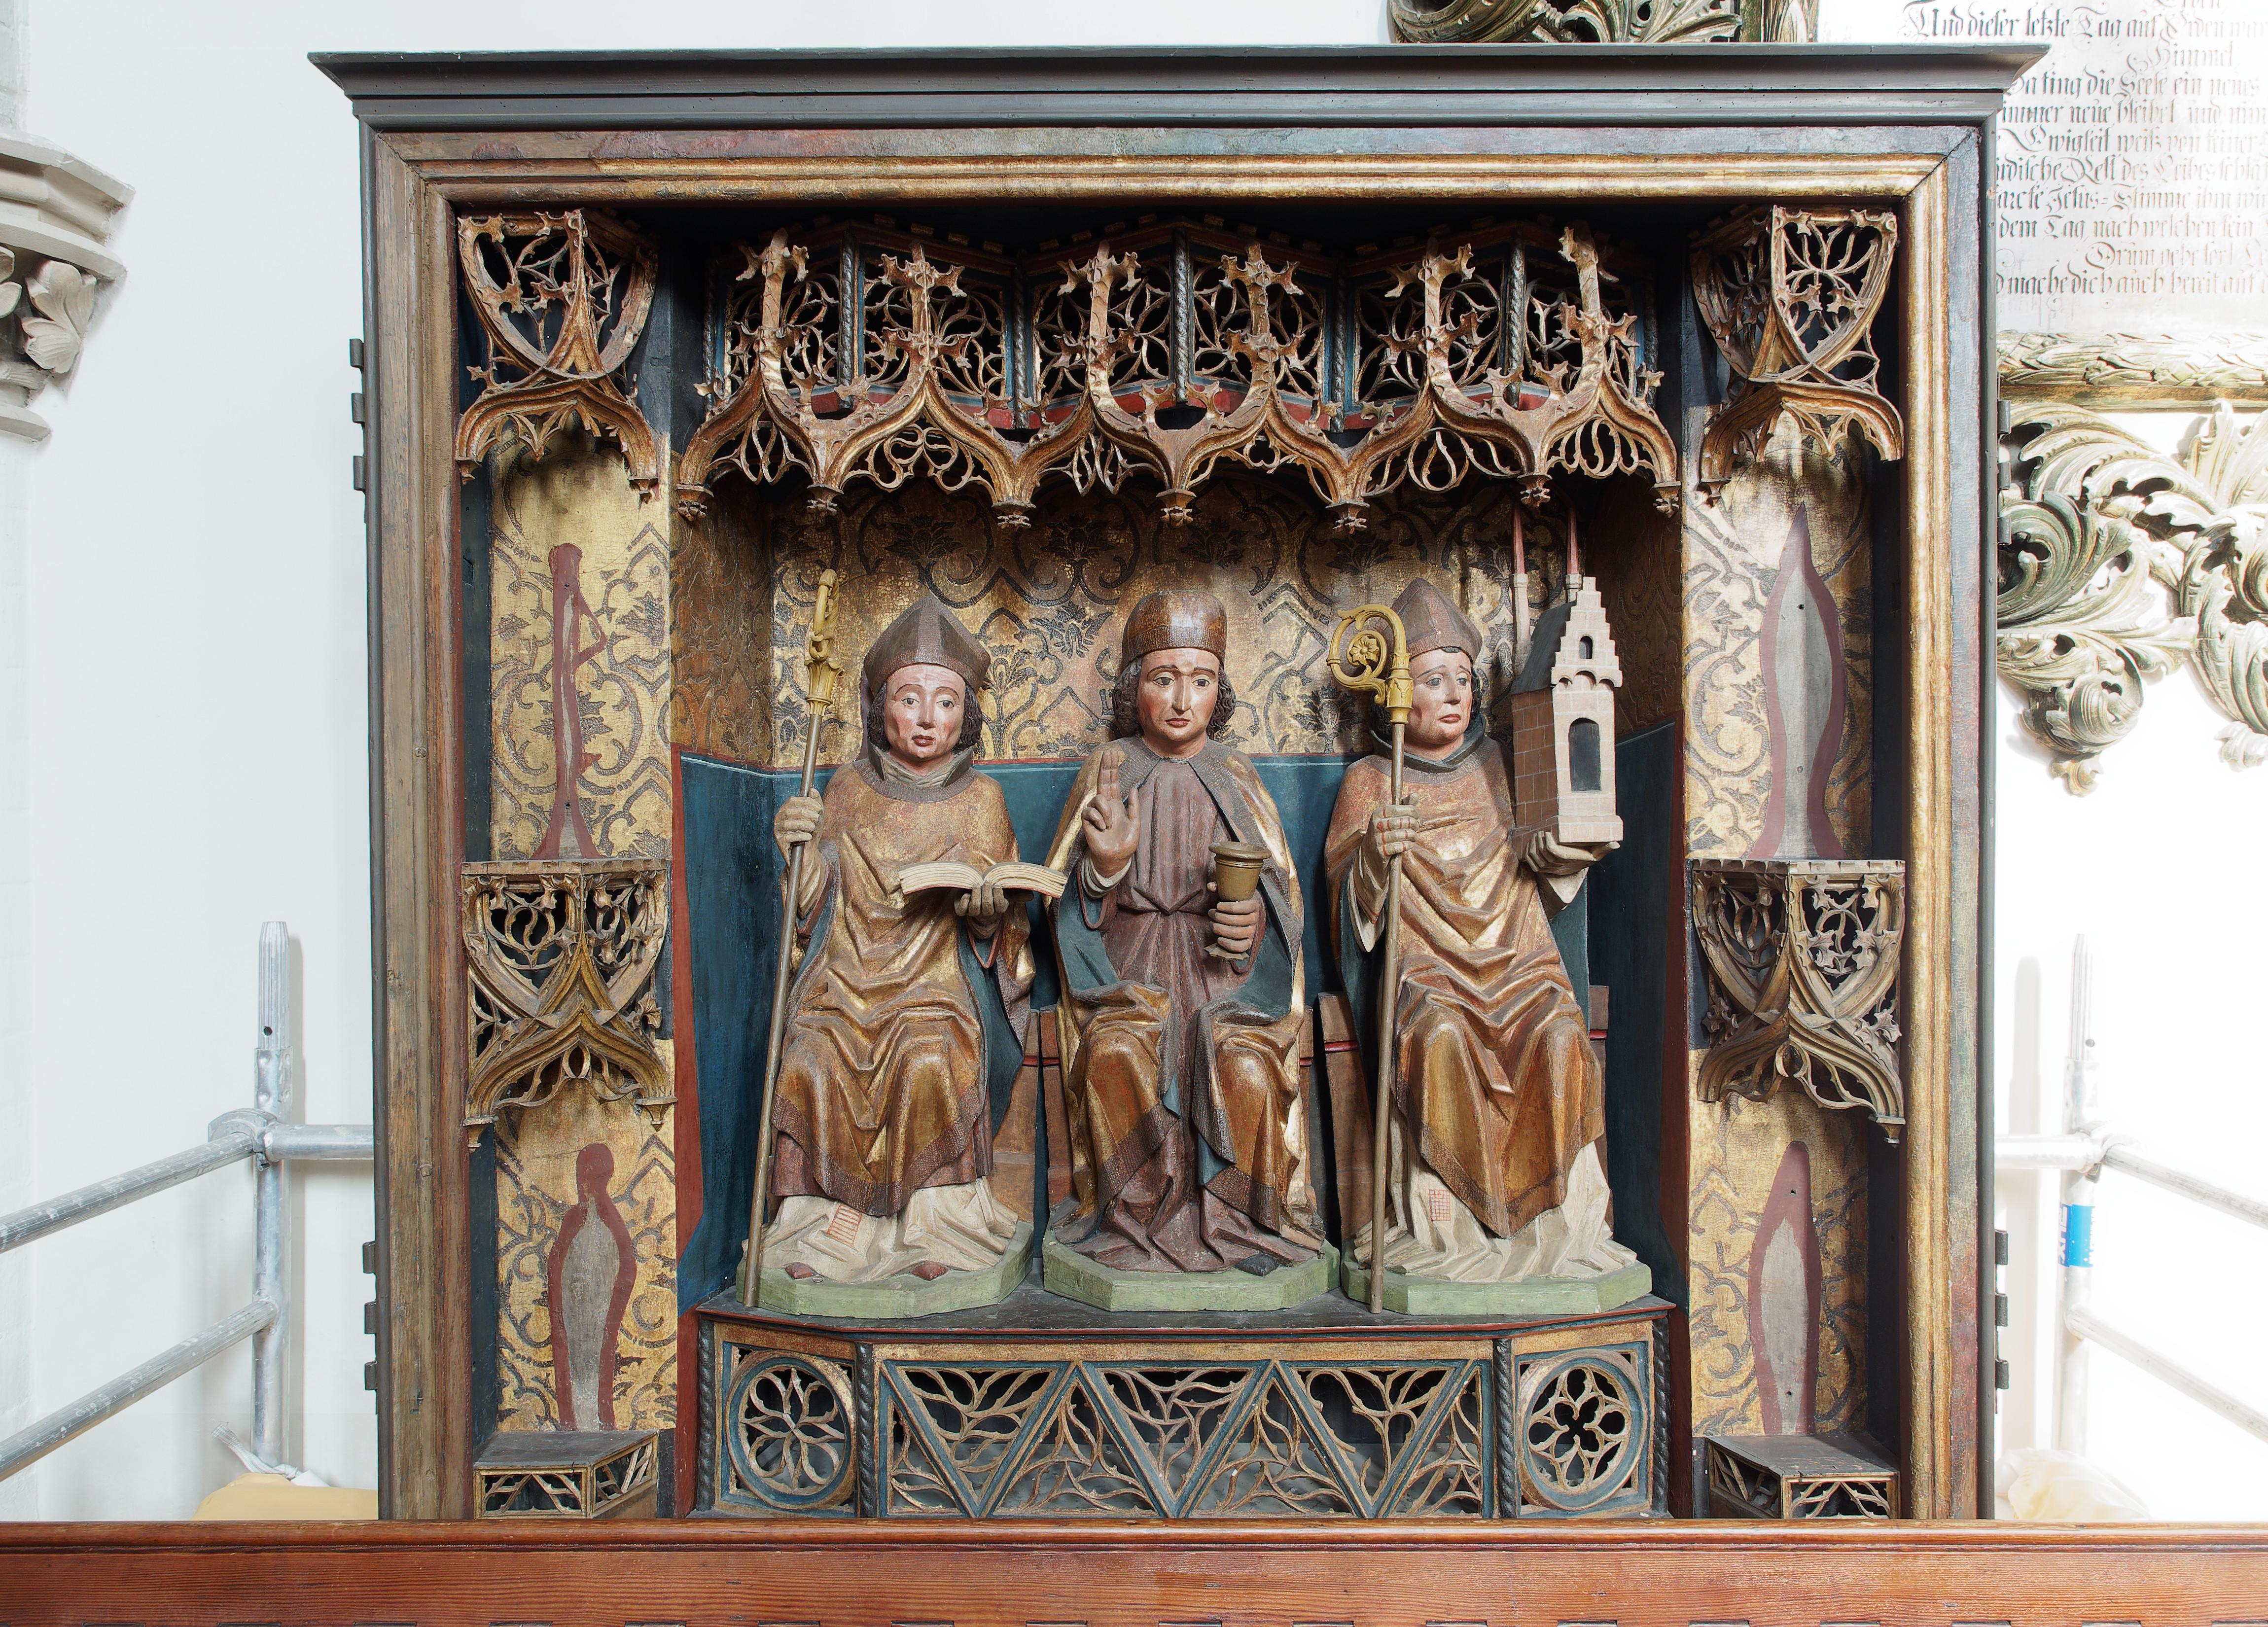 File:Berlin-Mitte Marienkirche 3 sculptures.jpg